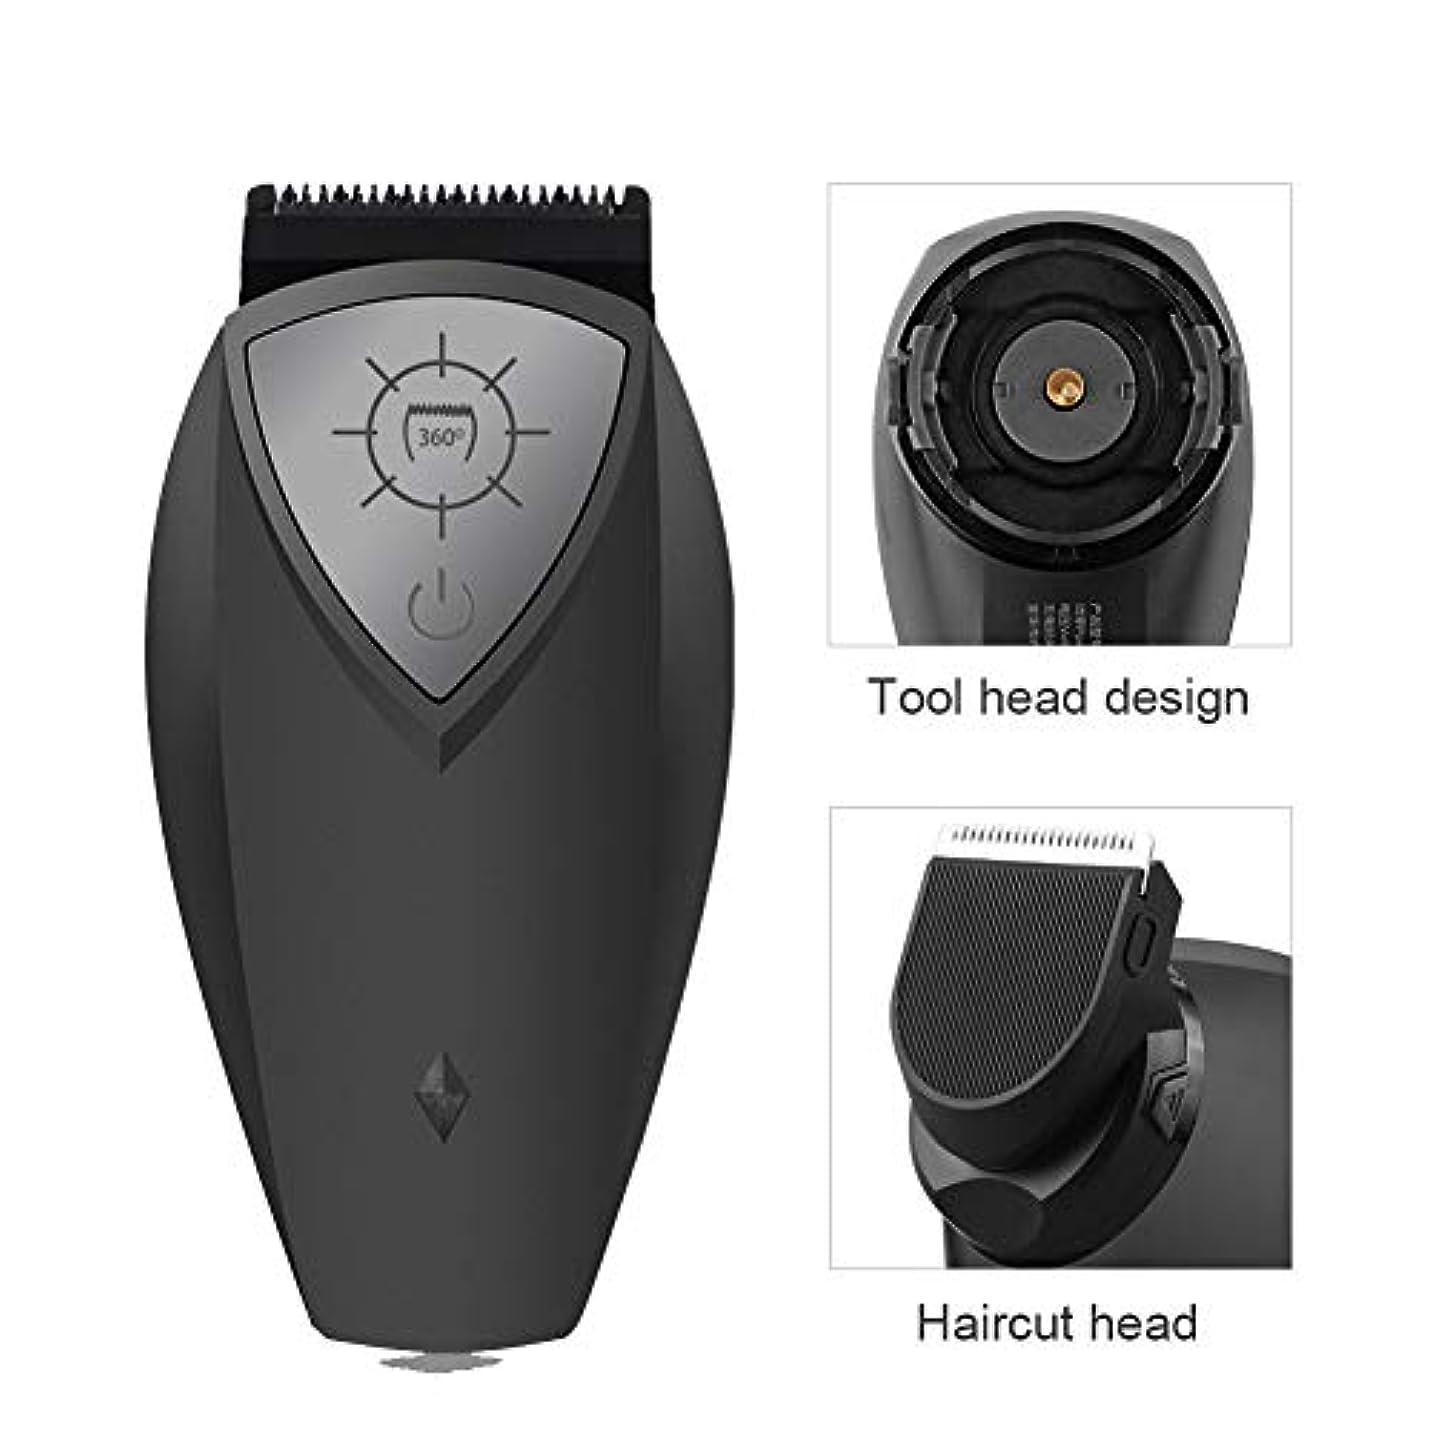 素子漏斗発見Lambowo 360度の回転式有料男性の電気シェーバーボディひげの毛のトリマーのかみそり